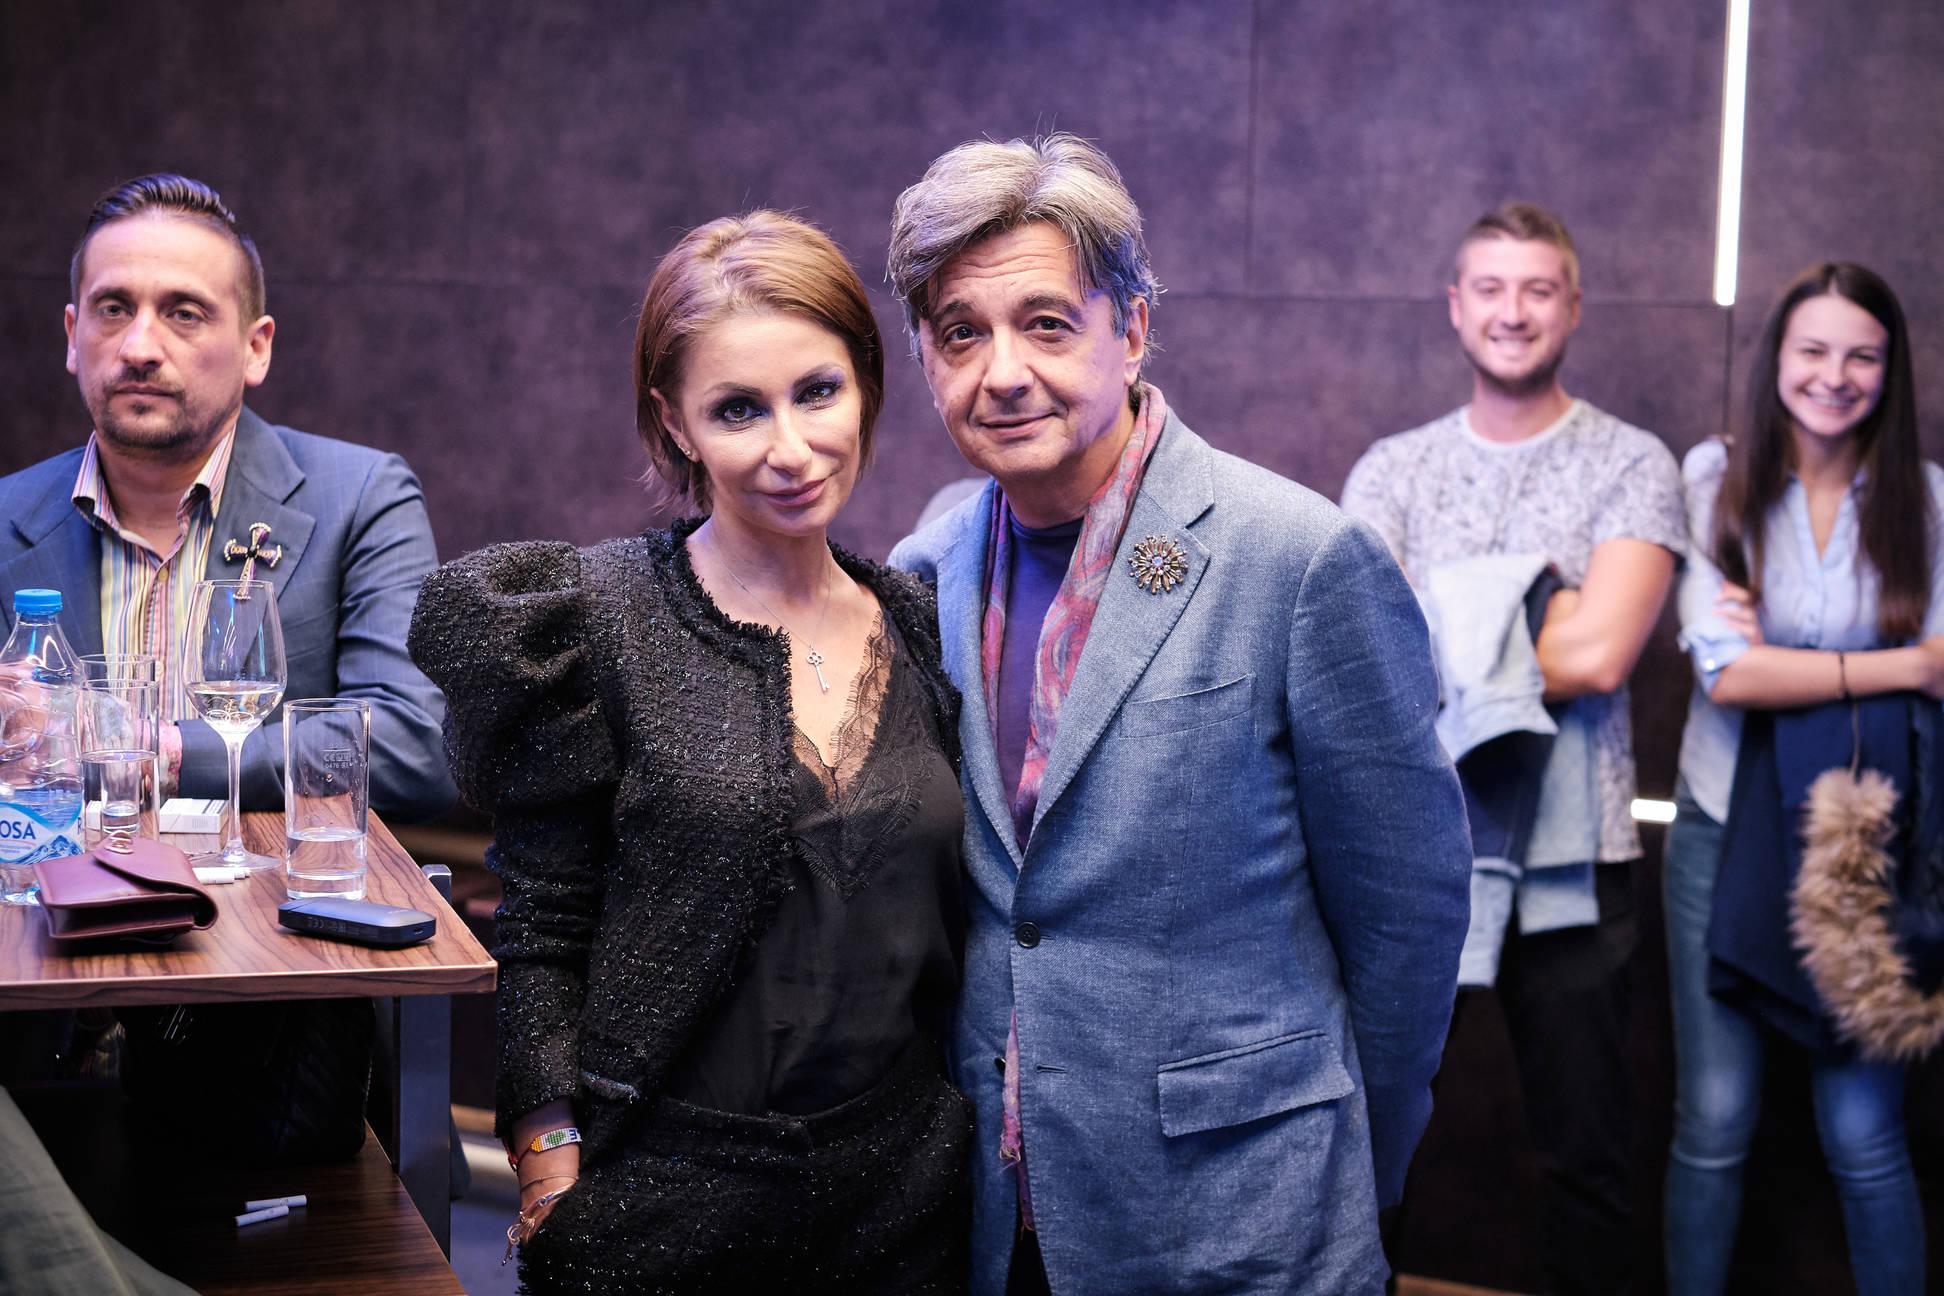 Suzani Peric na nagradi cestitao je prvi njen kolega Sasa Milojkovic foto rsz_nenad_karlic_14102019-66